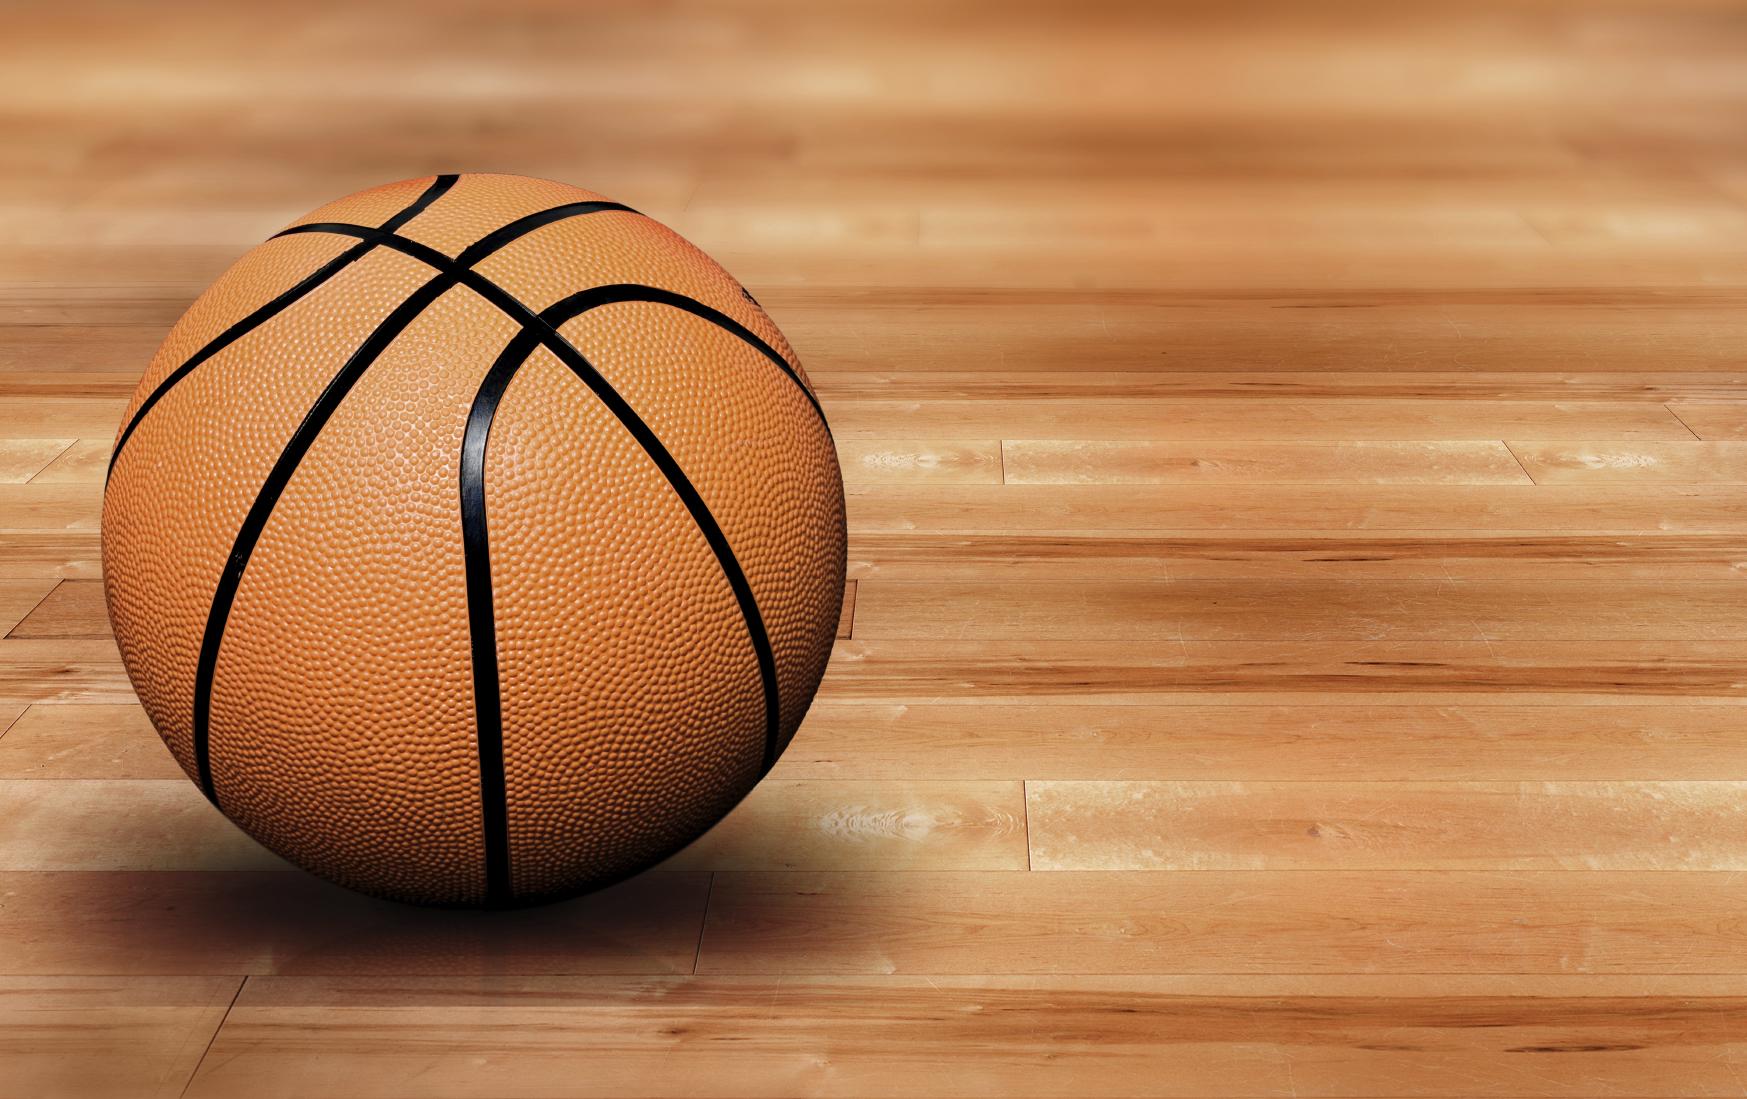 Баскетбольный мяч на полу, фото, обои для рабочего стола, basketball